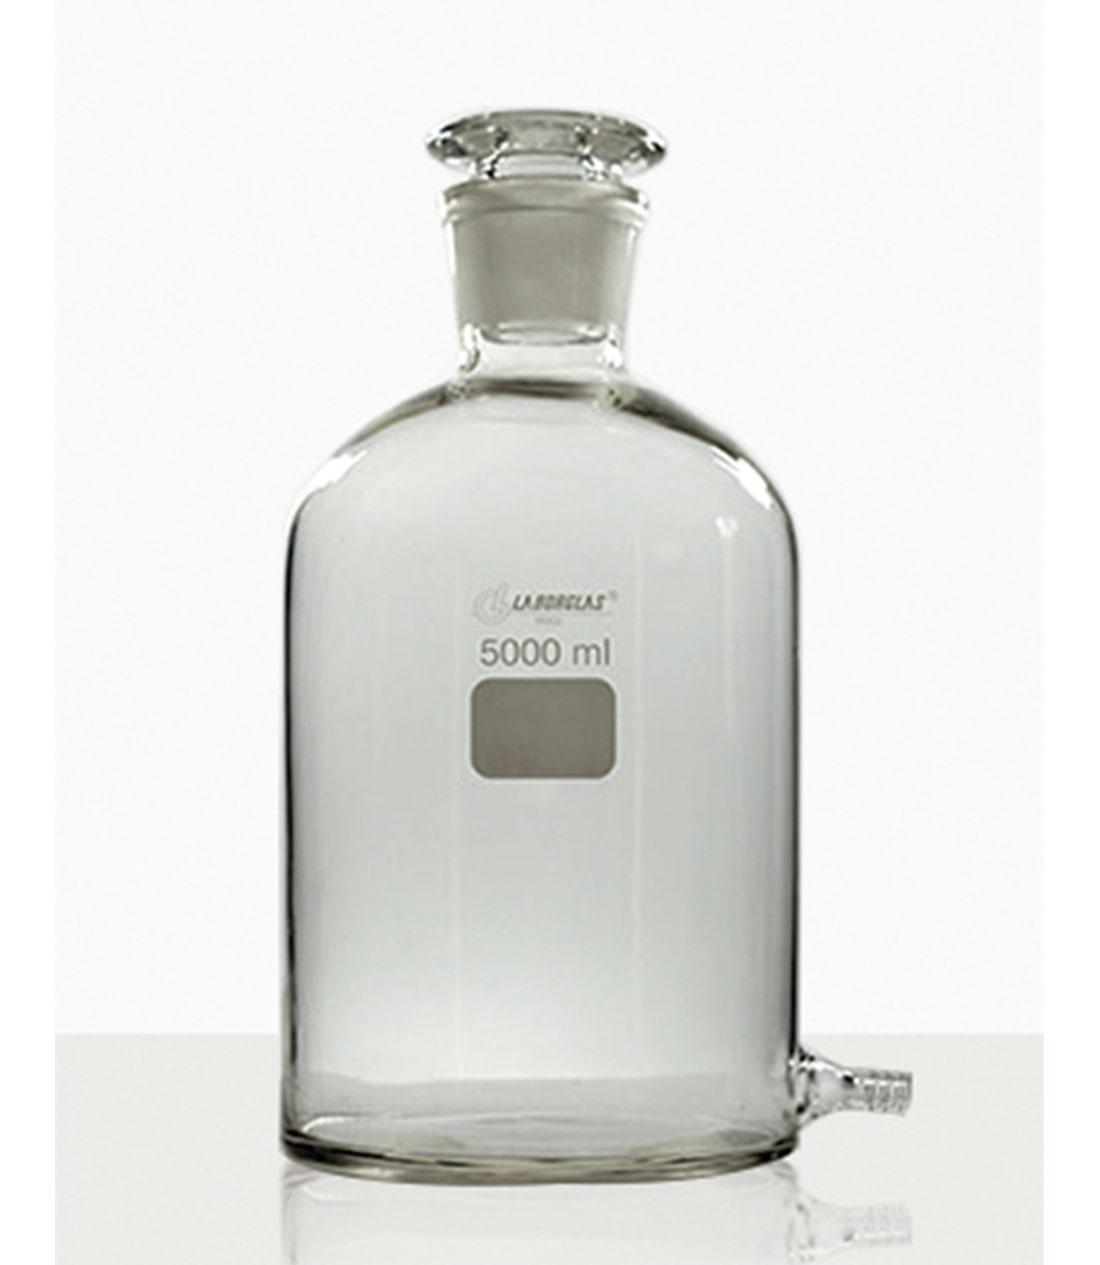 FRASCO MARIOTTE C/ OLIVA DE VIDRO 2000 ML - Laborglas - Cód. 9470863